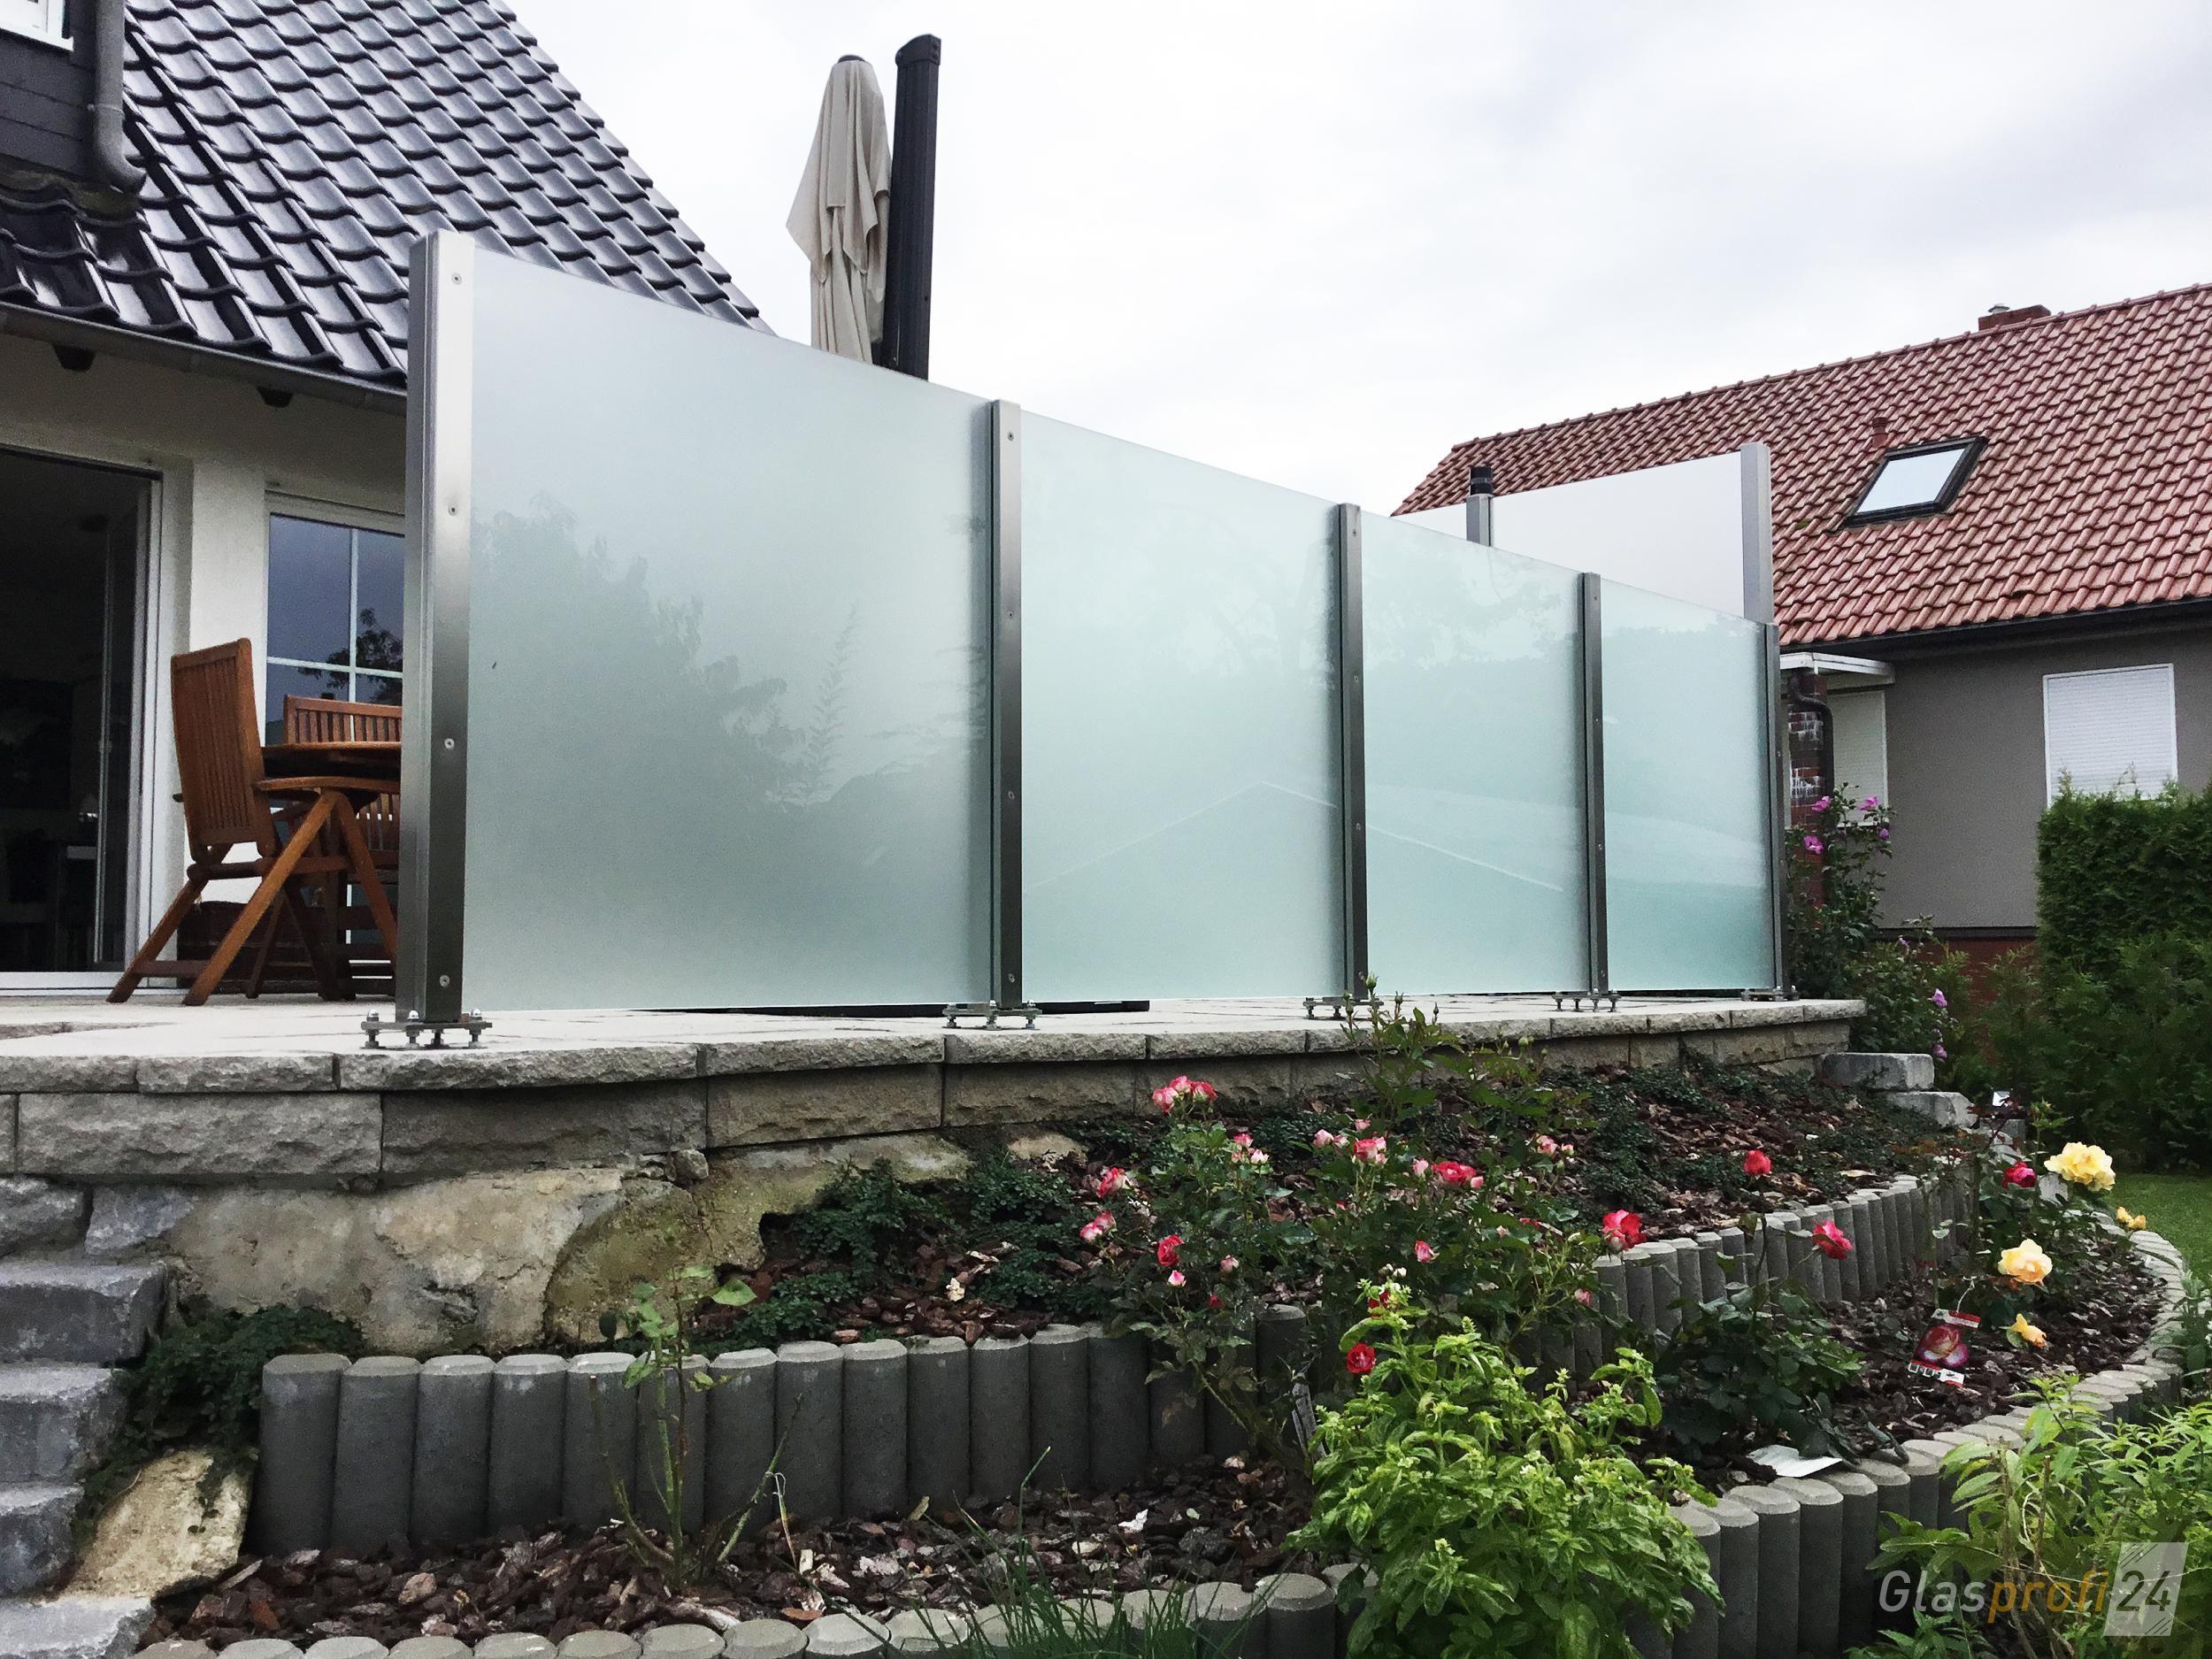 Windschutz Fur Die Terrasse Glasprofi24 Mit Bildern